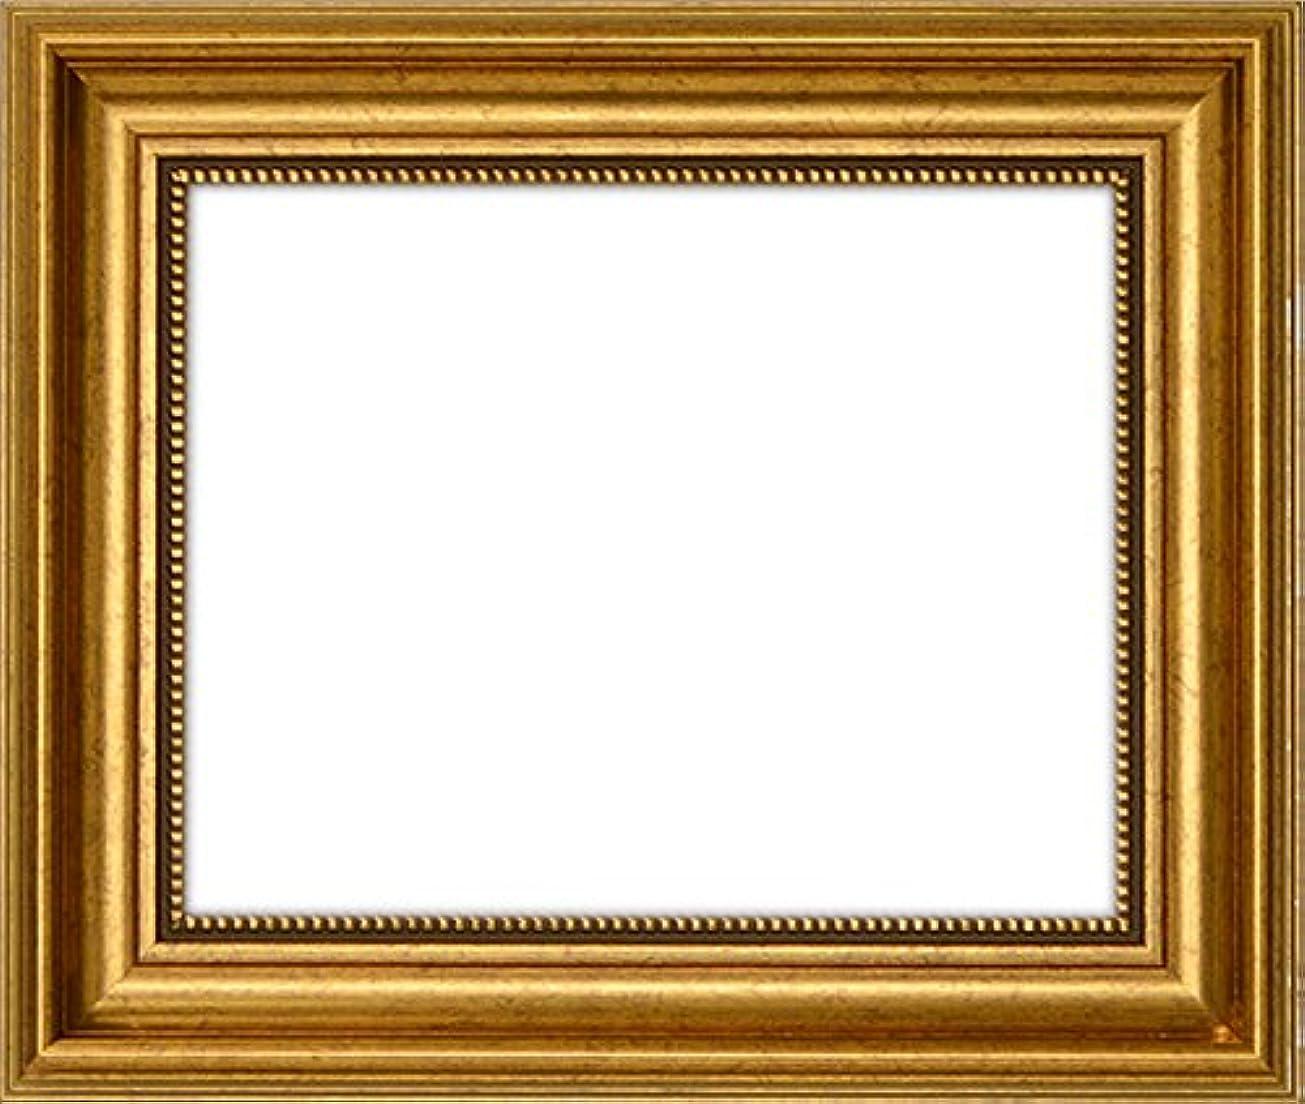 見つける韓国語お誕生日【アウトレット】 デッサン額縁 8111/ゴールド 太子サイズ(379×288mm)ガラス【8111/ゴールド/太子/ガ】